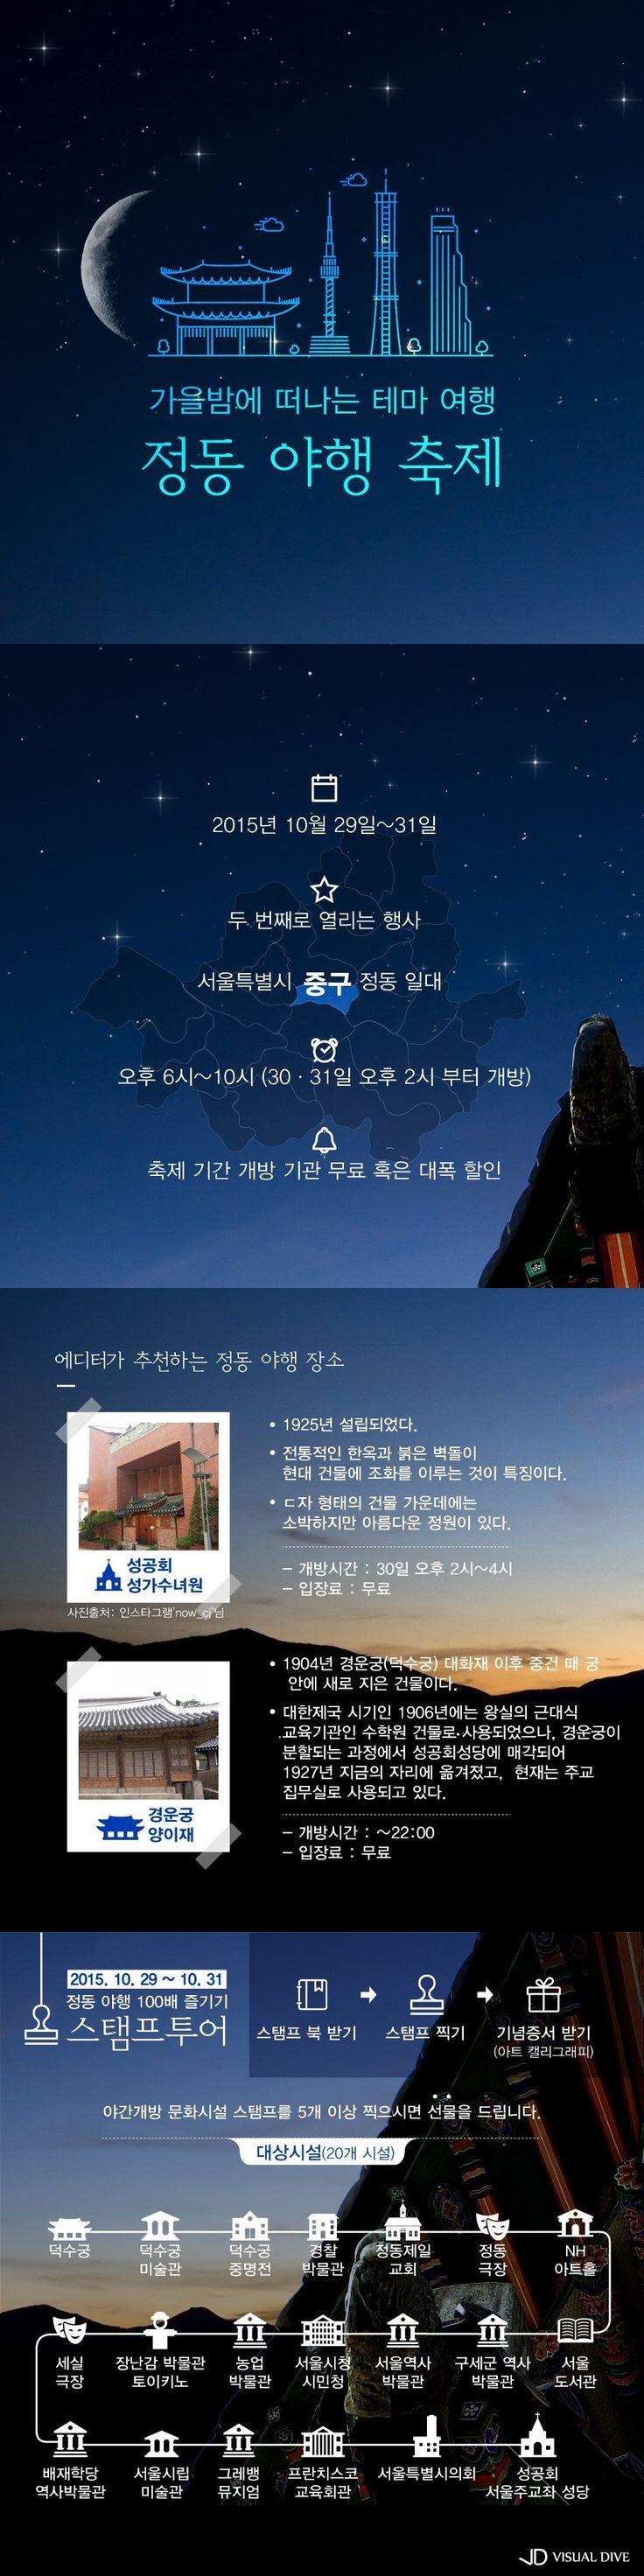 덕수궁 돌담길서 느끼는 '정동'의 가을밤 정취[인포그래픽] #Festival / #Infographic ⓒ 비주얼다이브 무단 복사·전재·재배포 금지